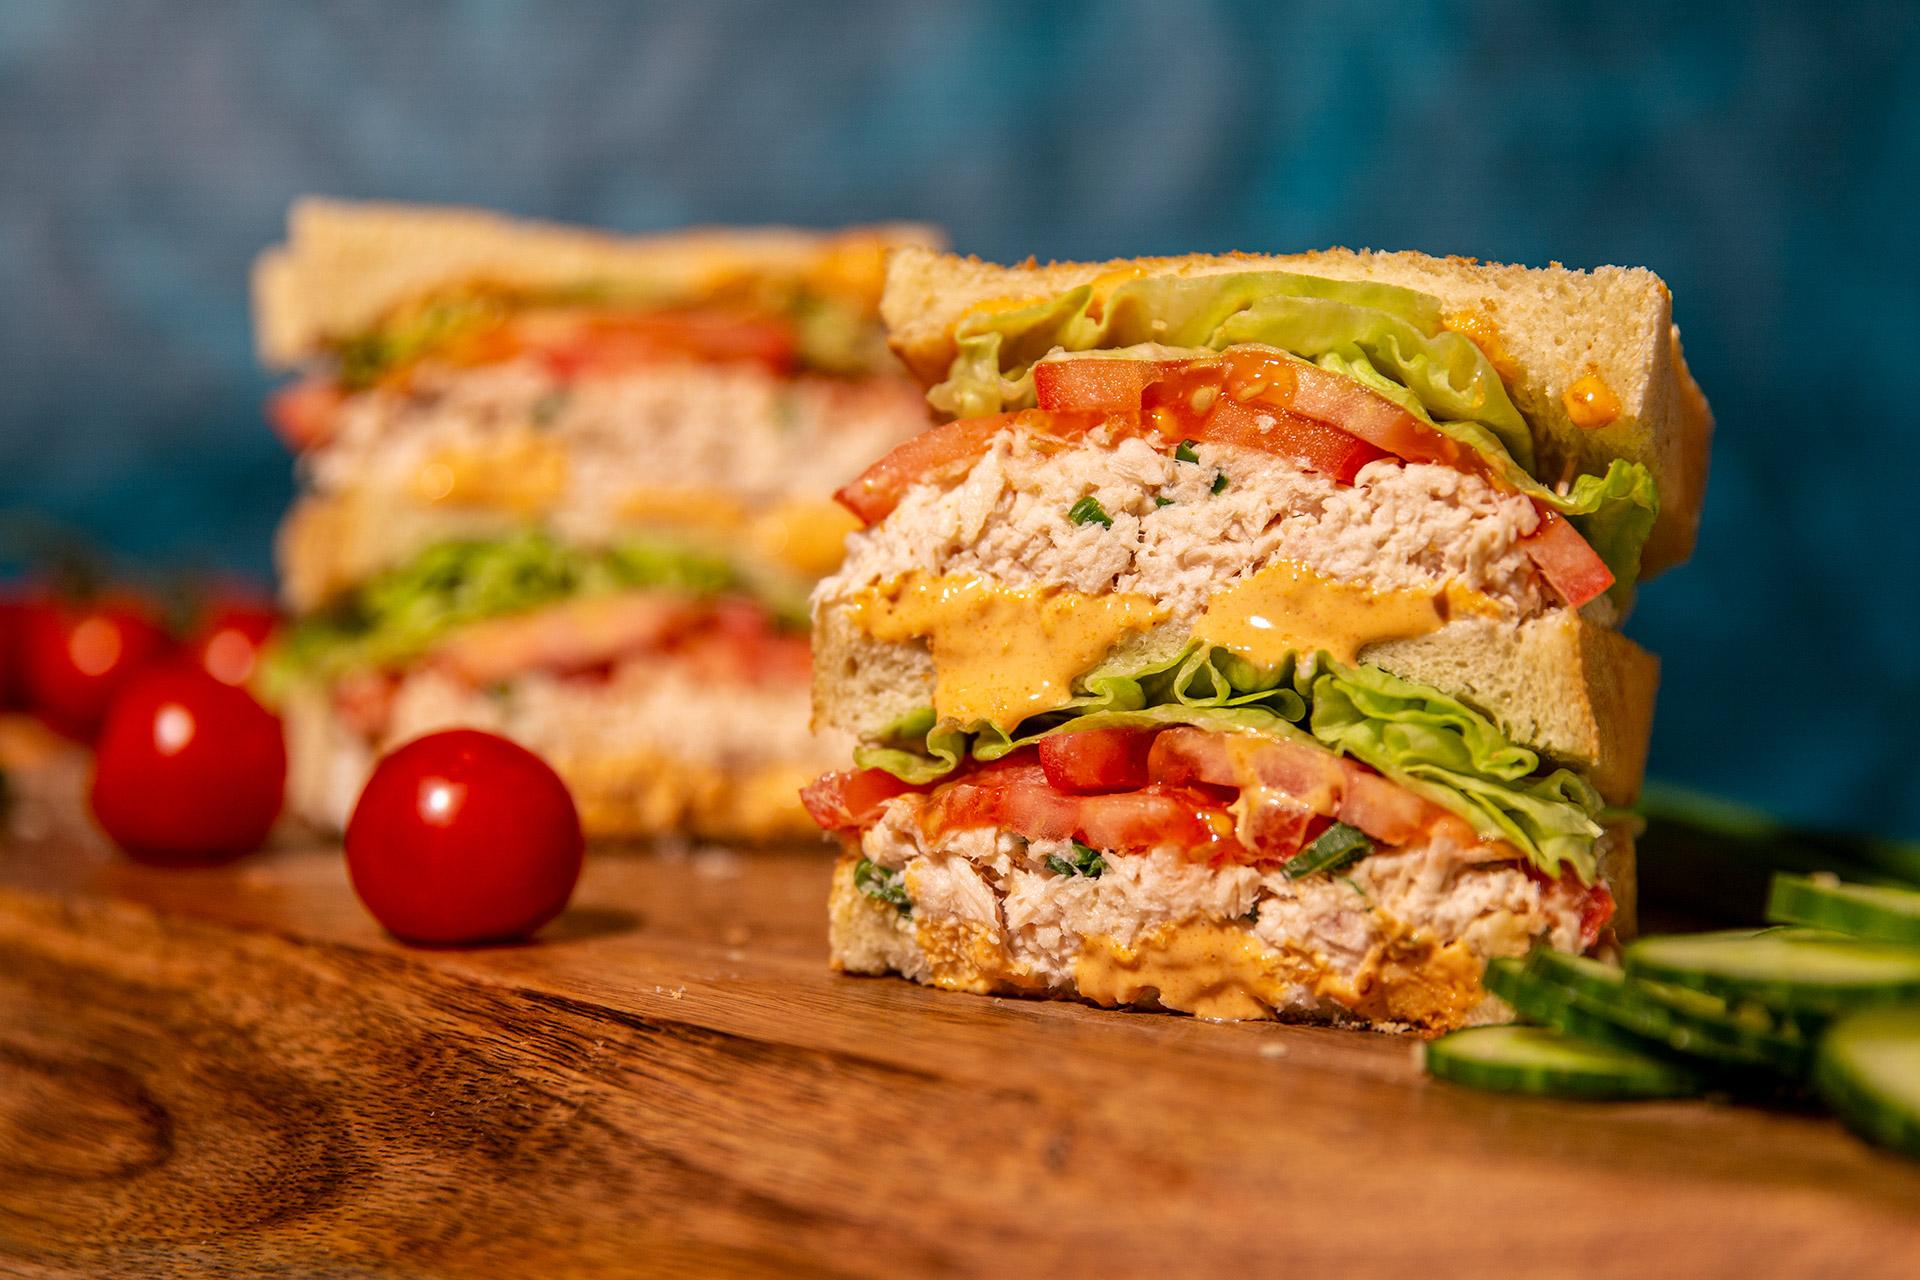 Spicy TLT (Tuna Lettuce Tomato) Sandwich